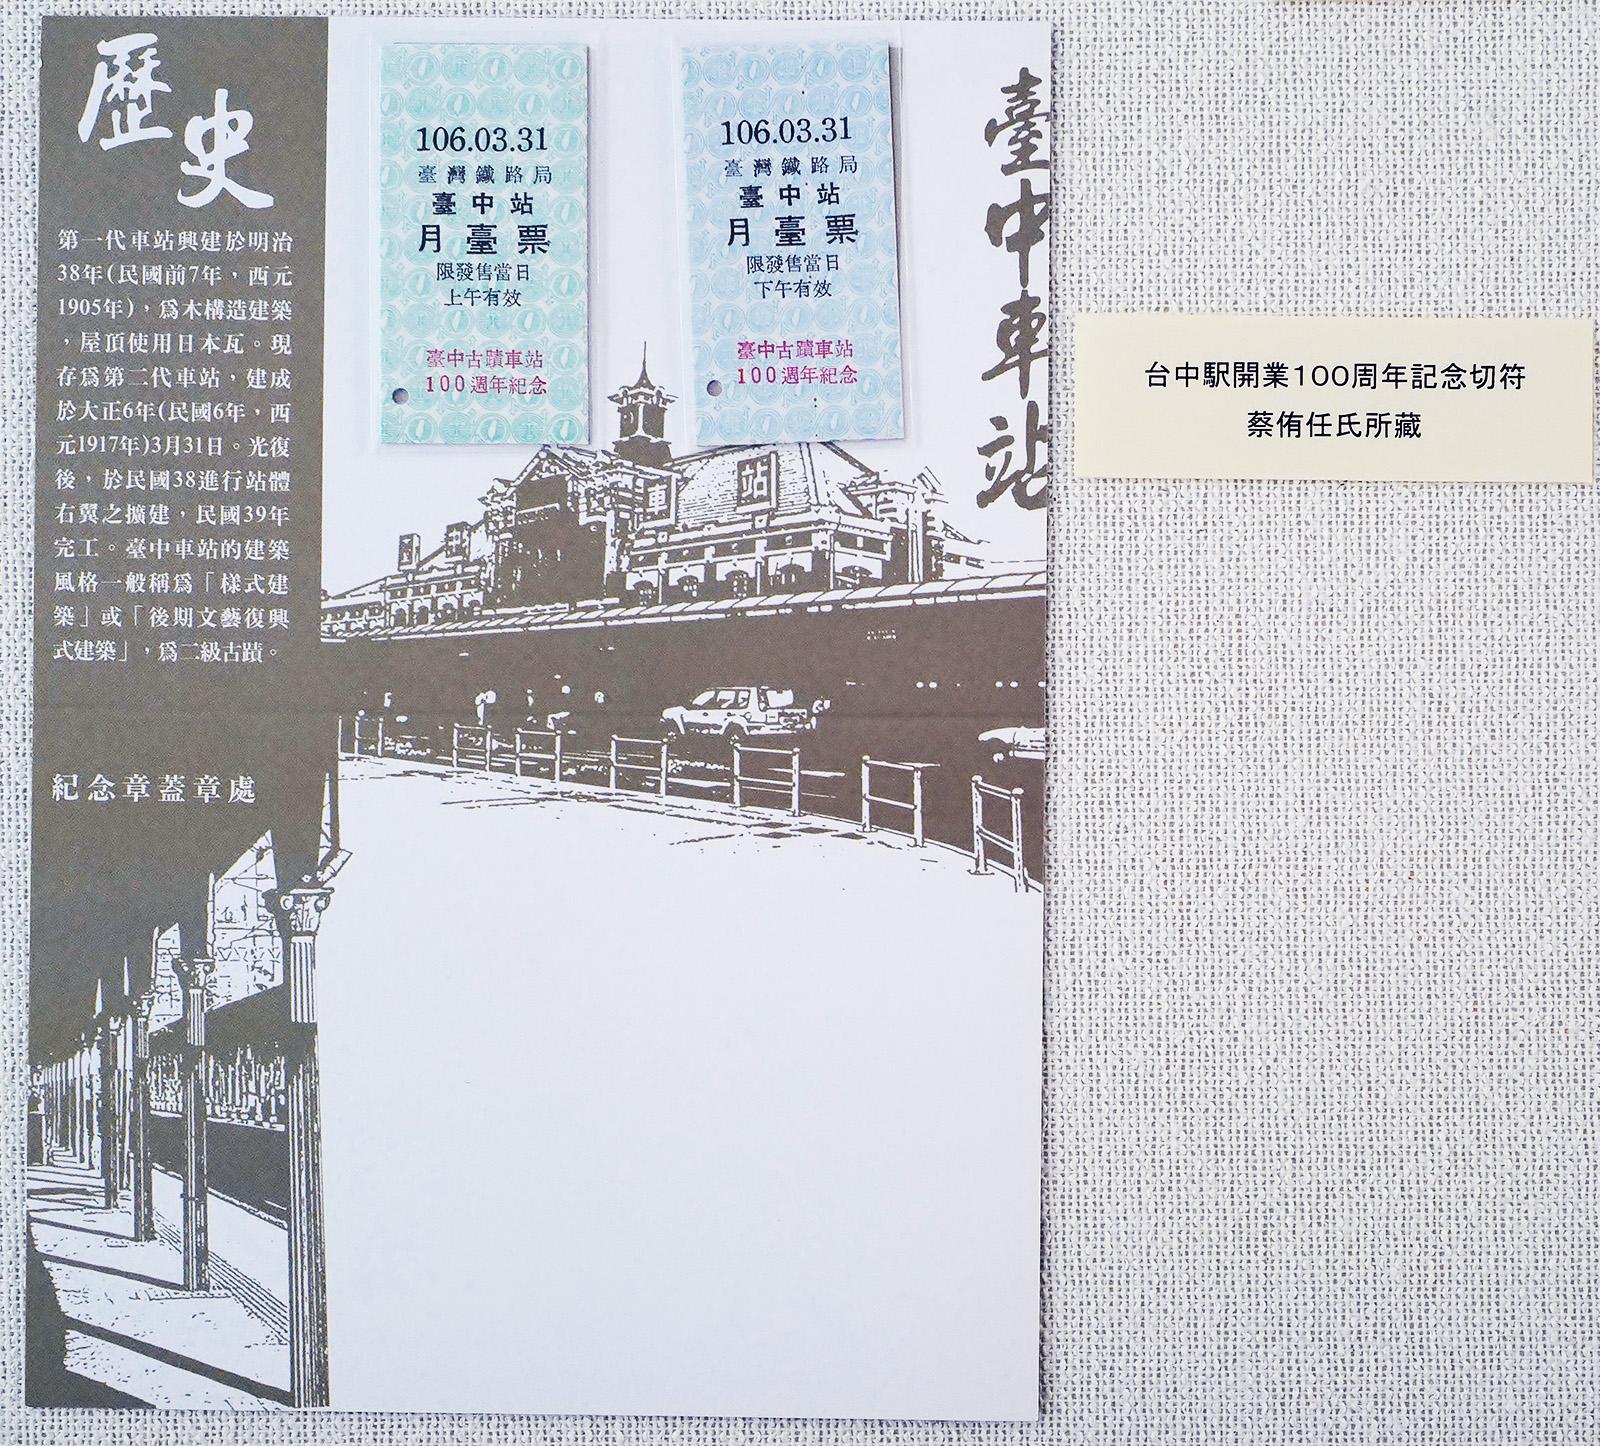 鉄道切符展16s.jpg